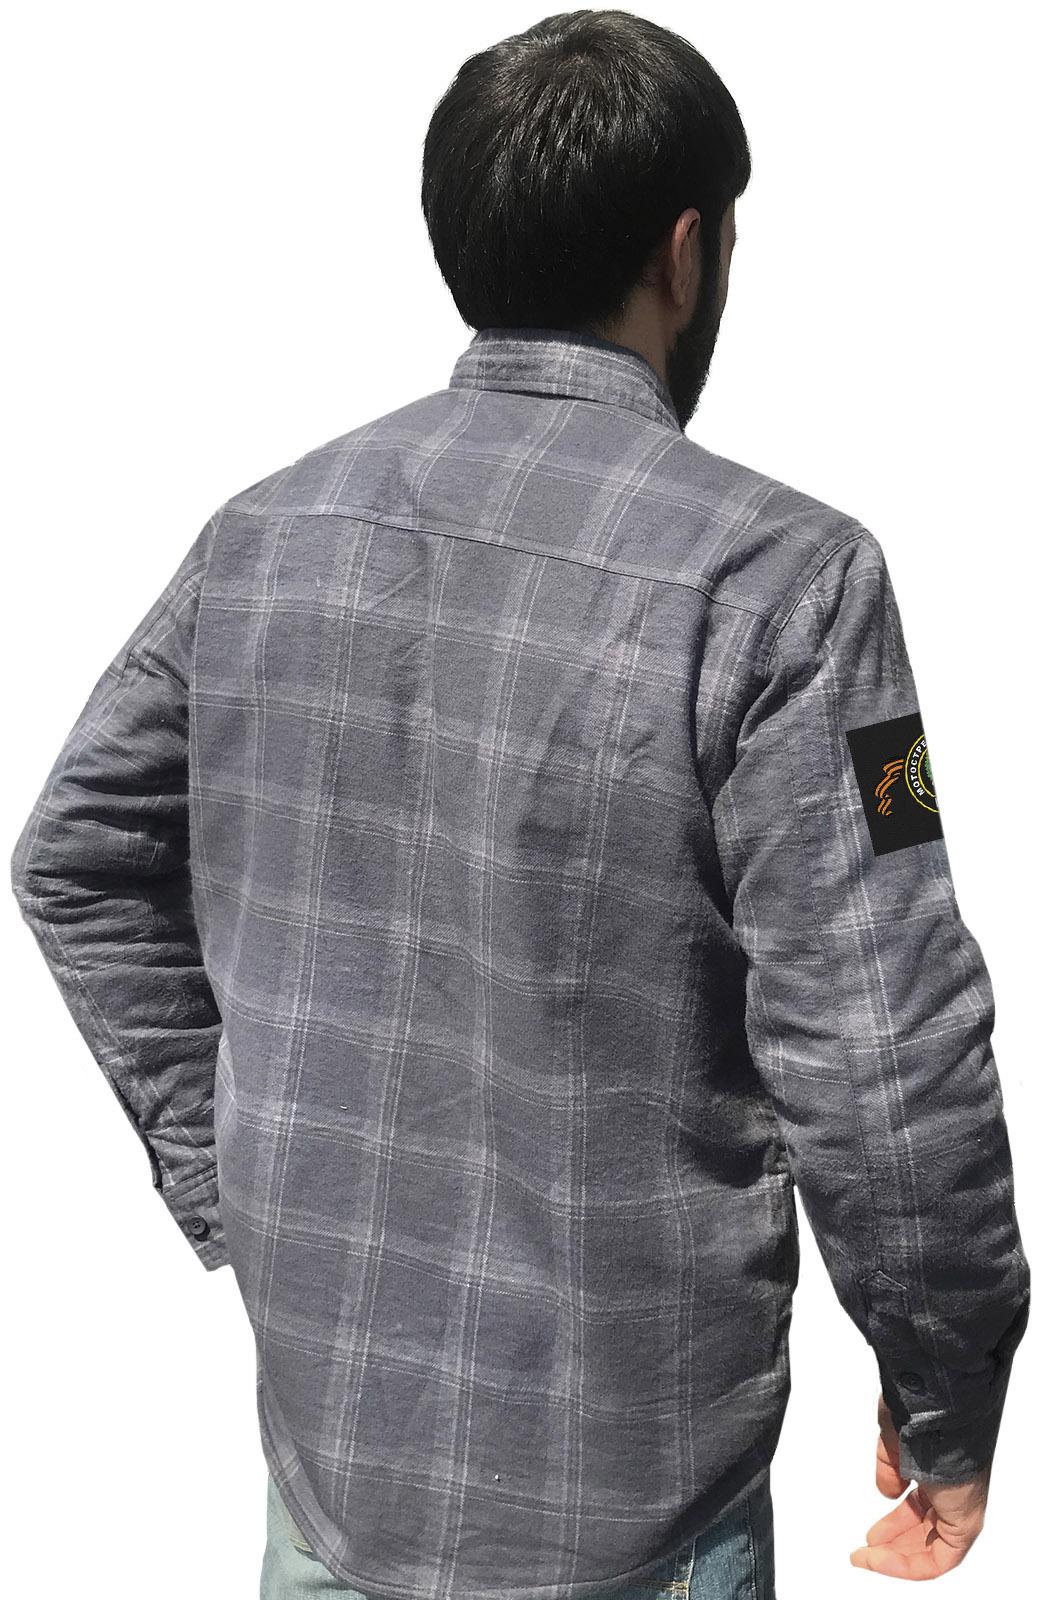 Купить мужскую серую рубашку с вышитым шевроном Мотострелковые Войска оптом или в розницу